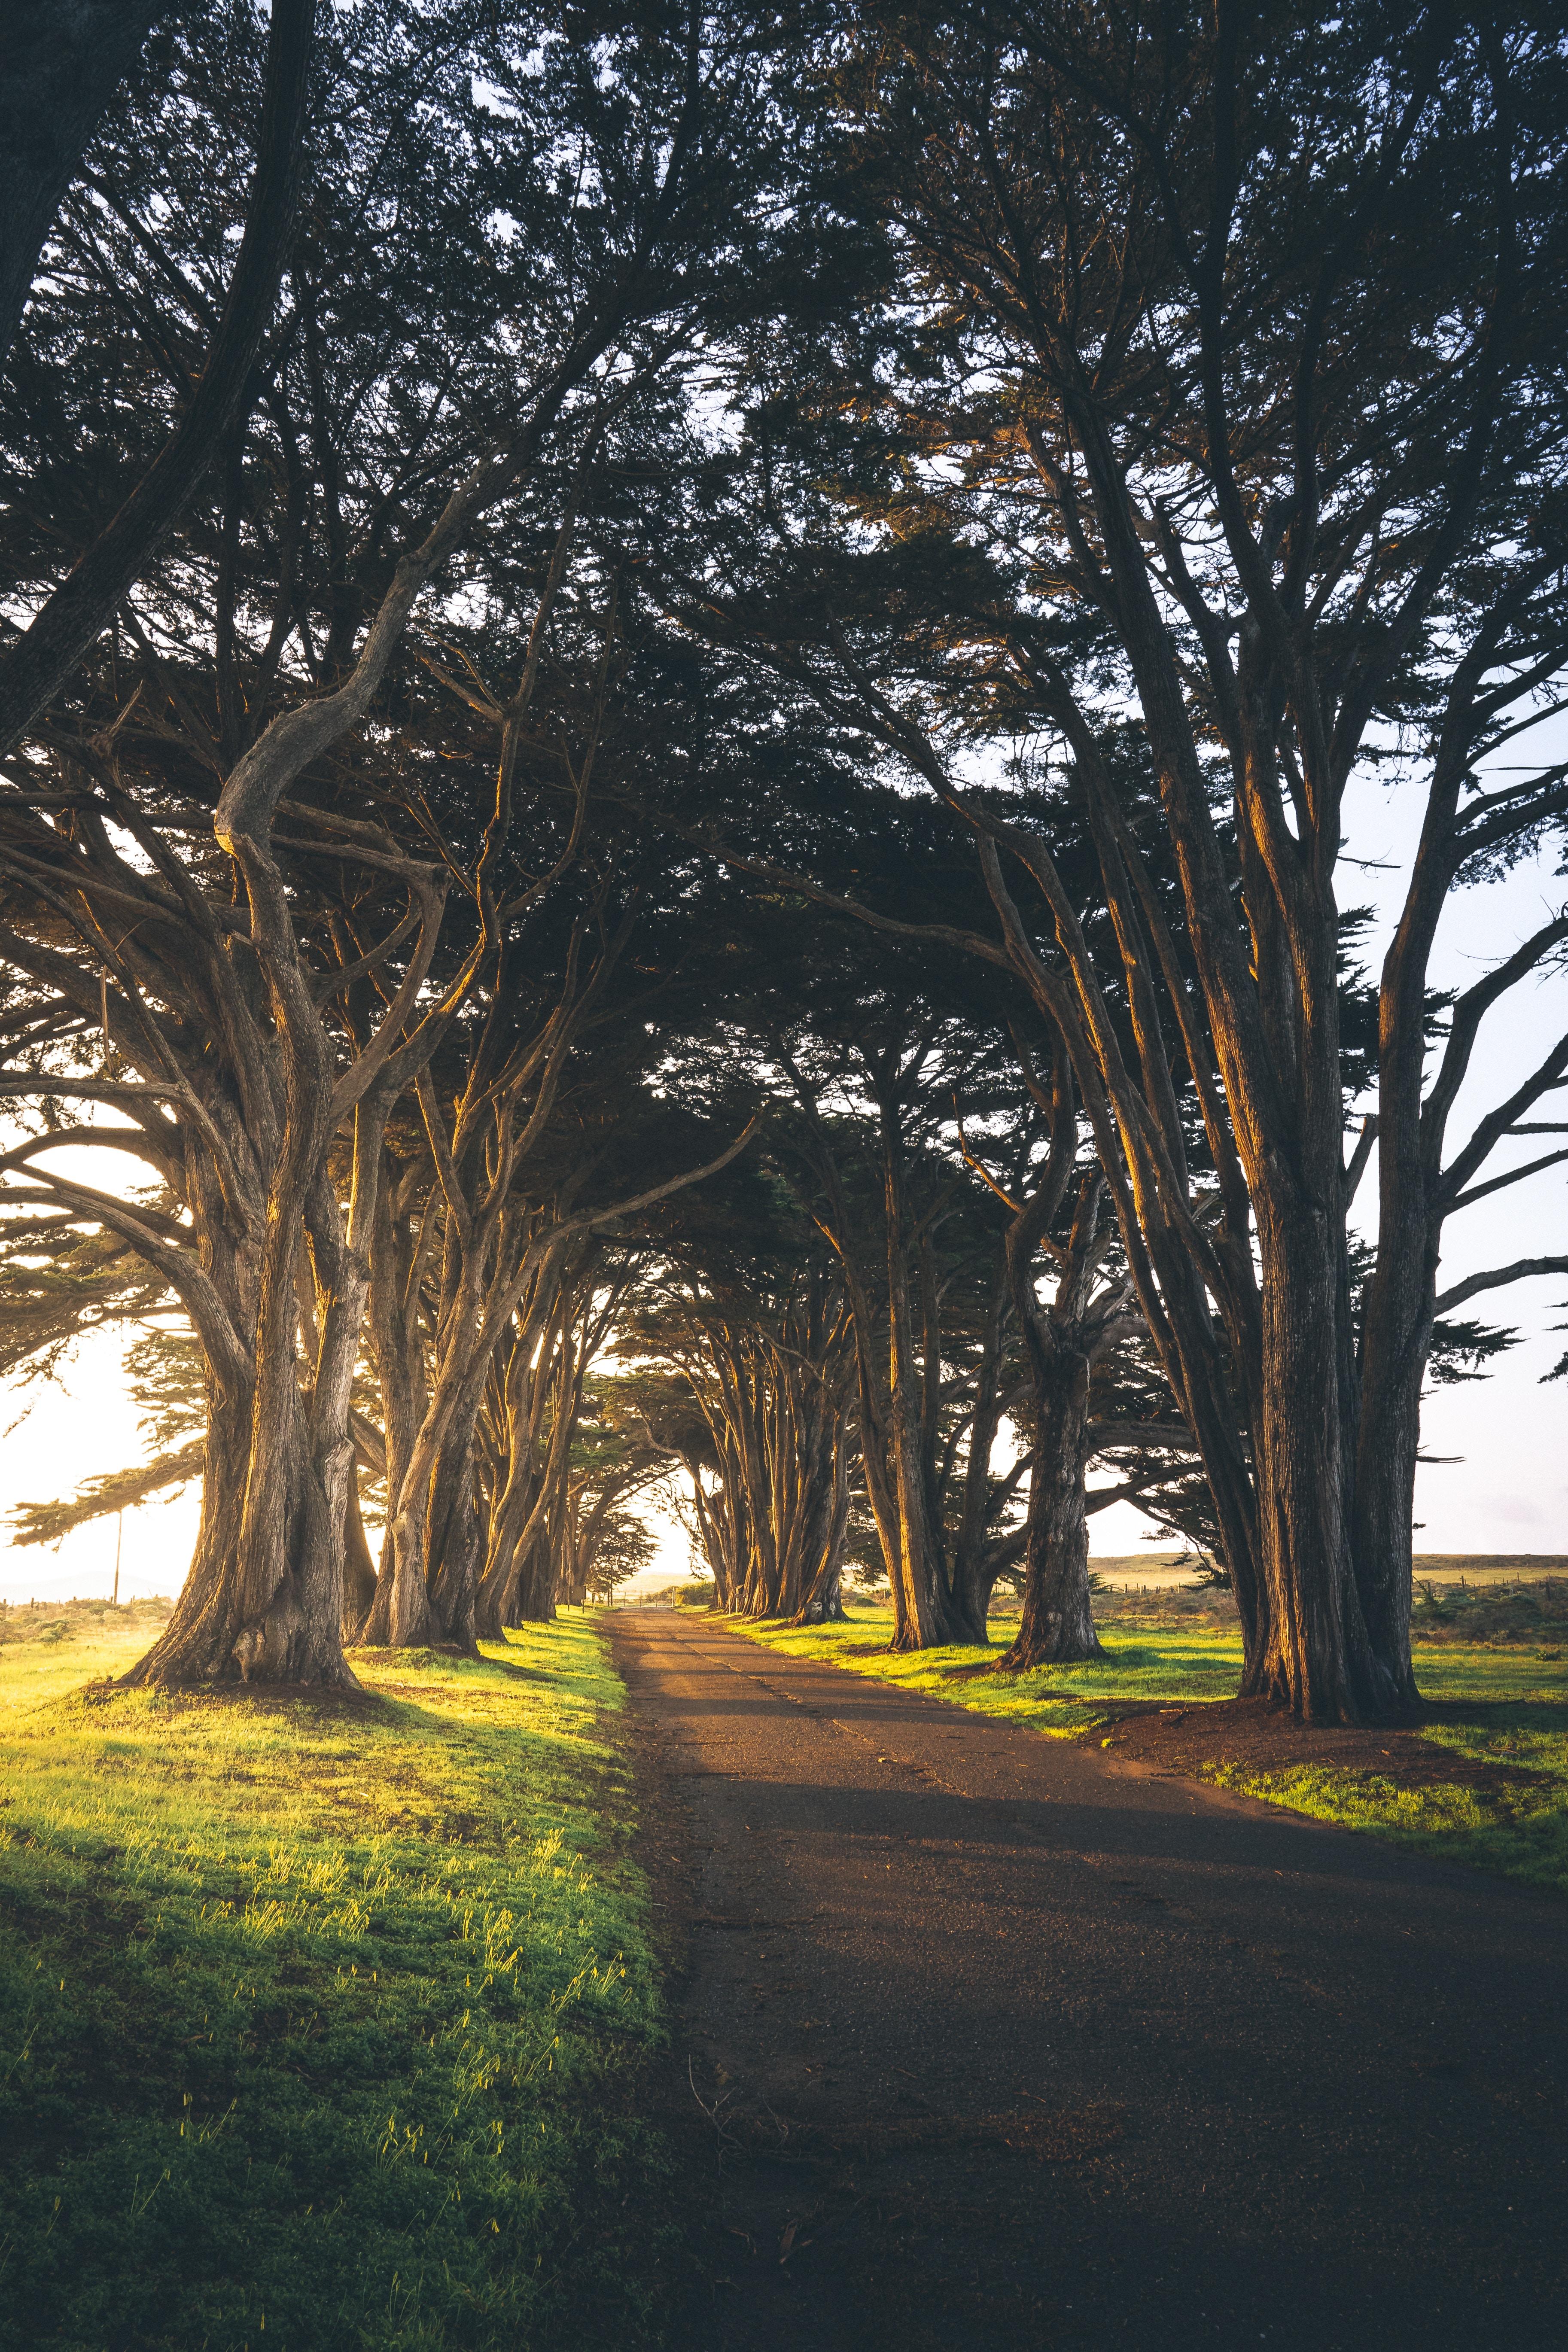 86092 Hintergrundbild 720x1280 kostenlos auf deinem Handy, lade Bilder Natur, Bäume, Grüne, Grünen, Gasse, Morgen, Spur, Track, Leer 720x1280 auf dein Handy herunter